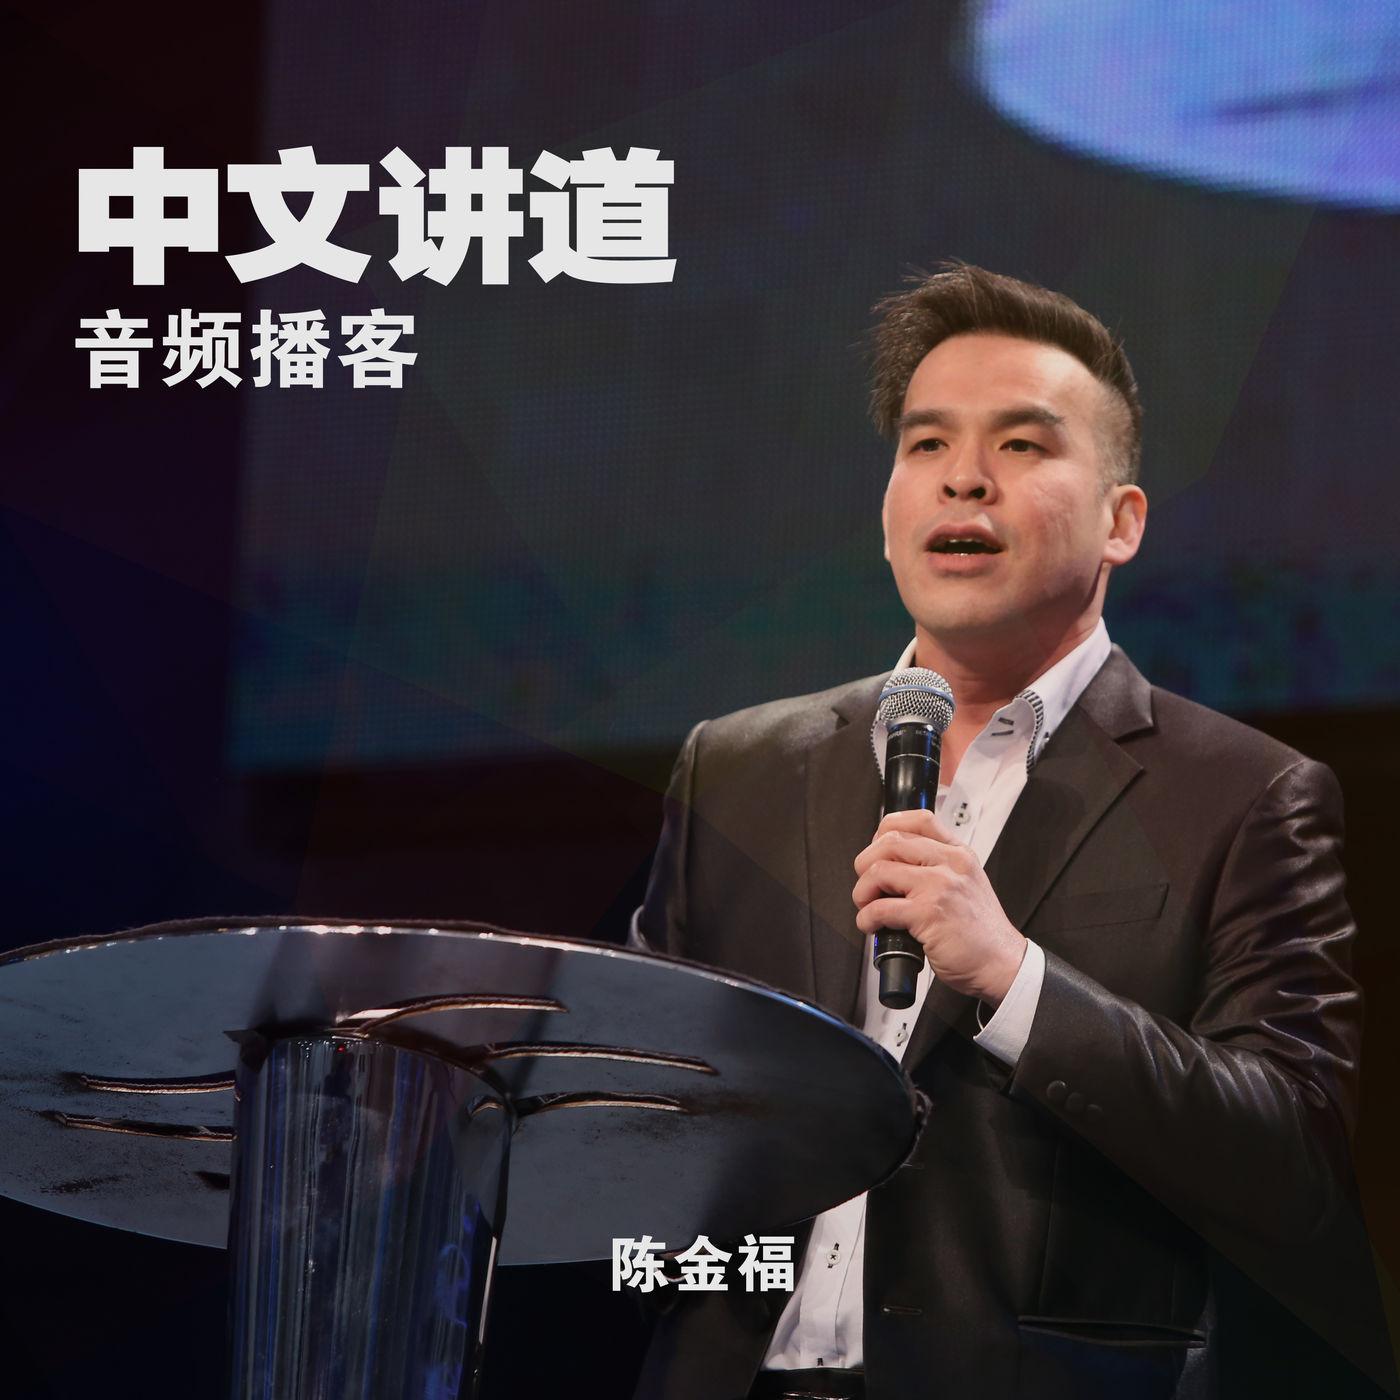 陈金福: 国度的能力